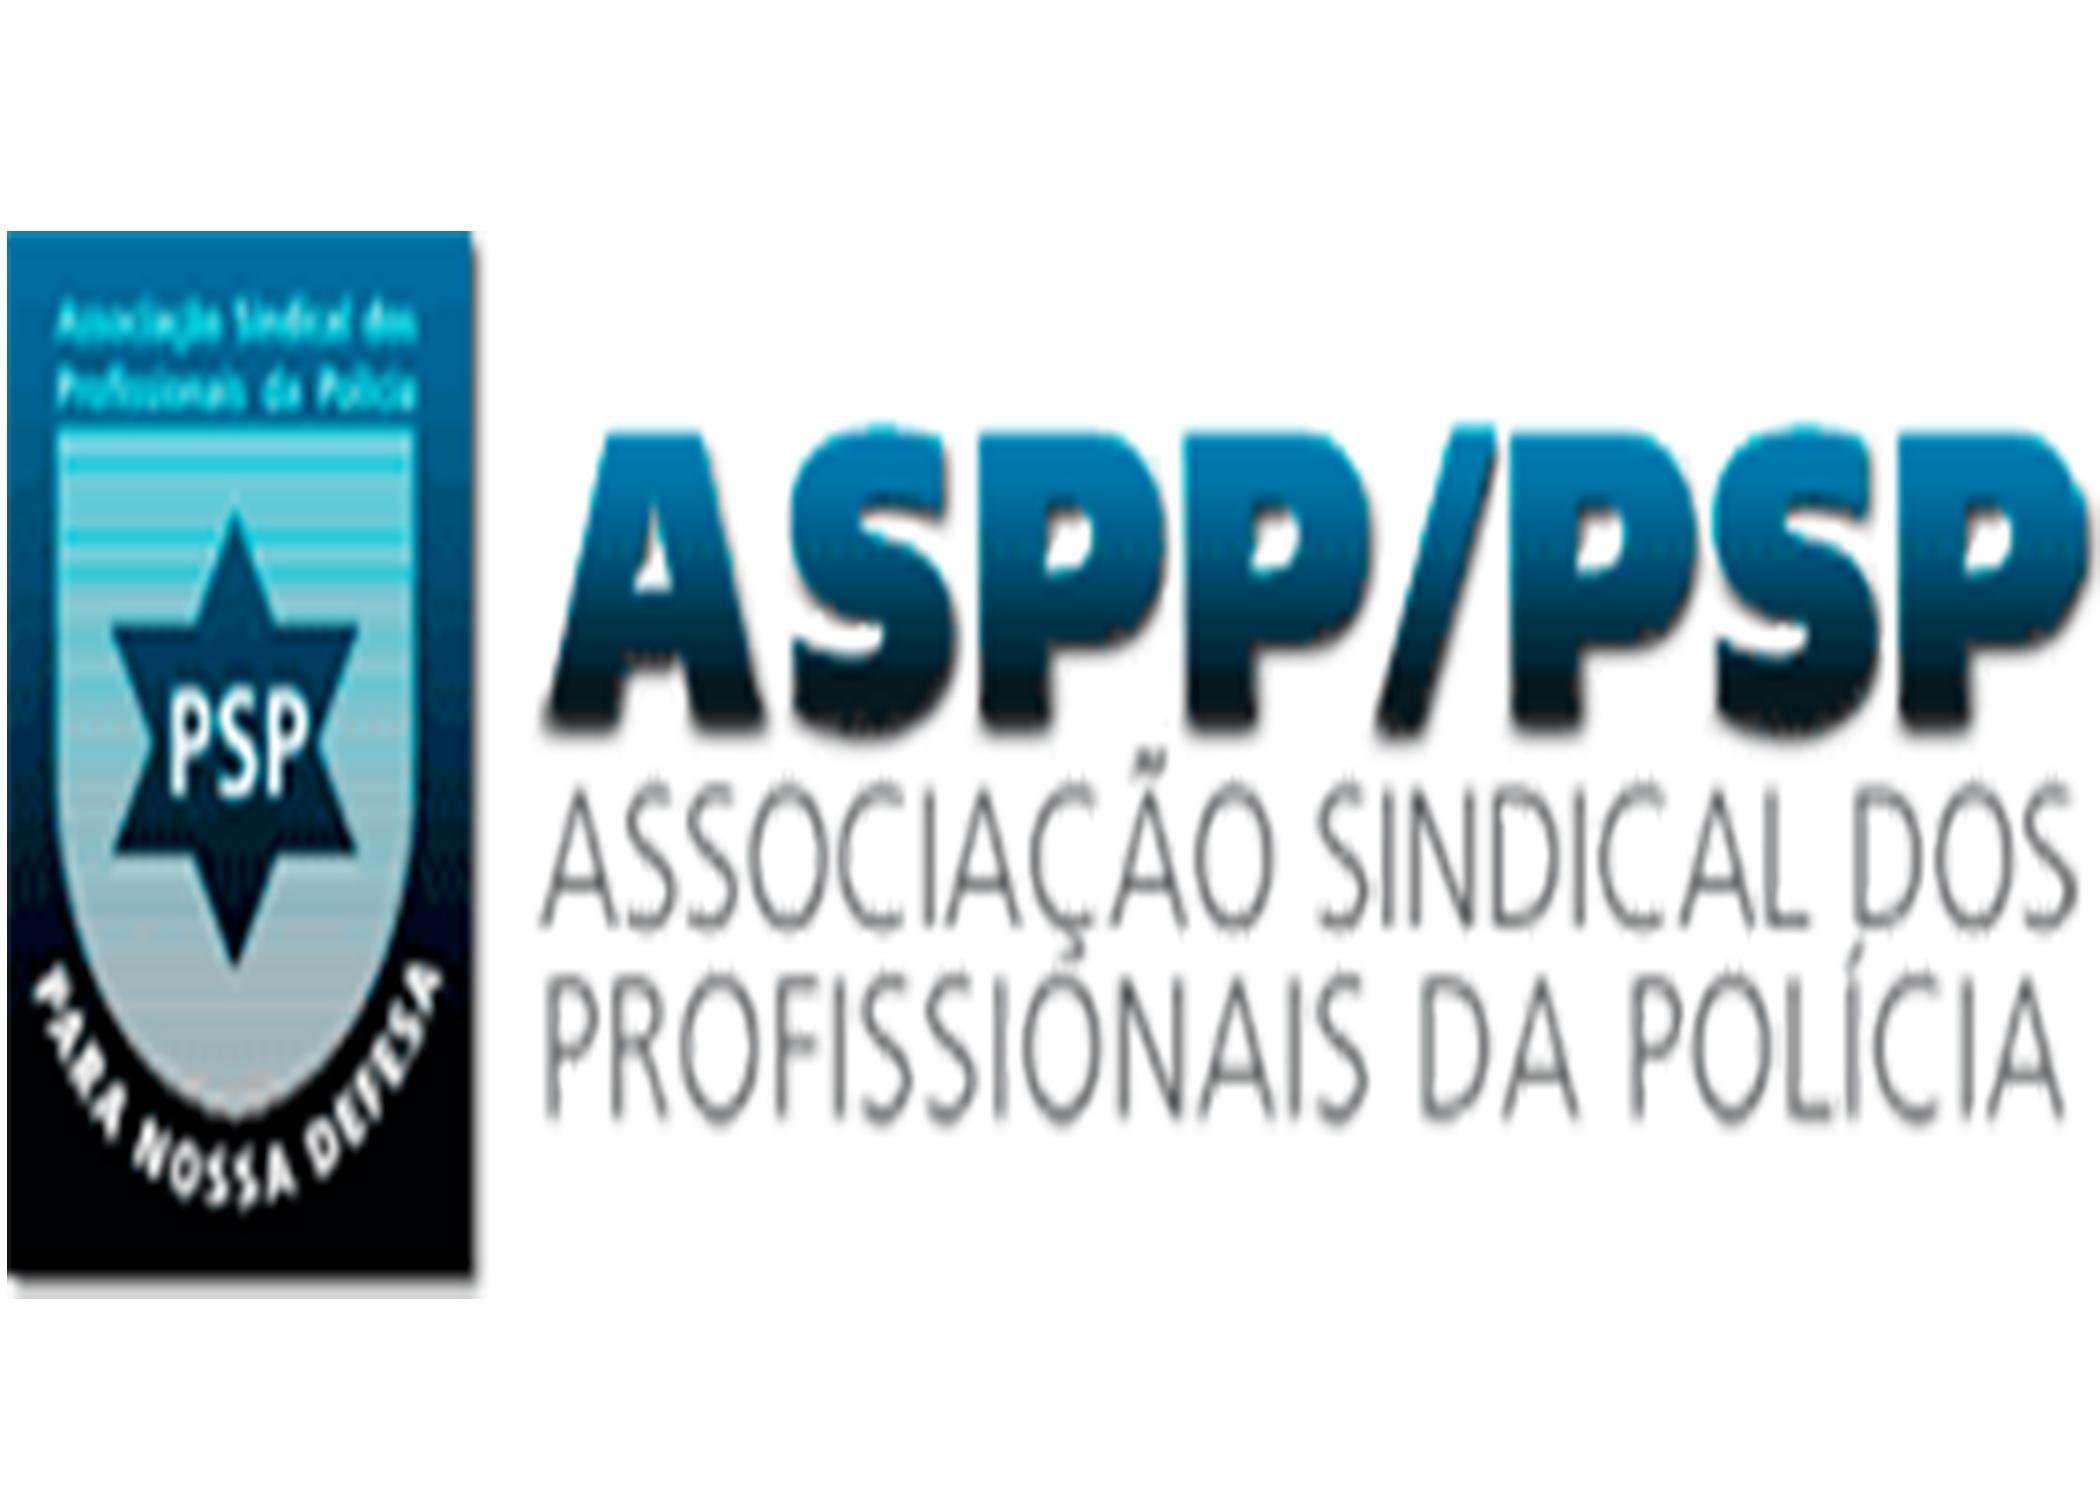 Associação Sindical dos Profissionais de Policia